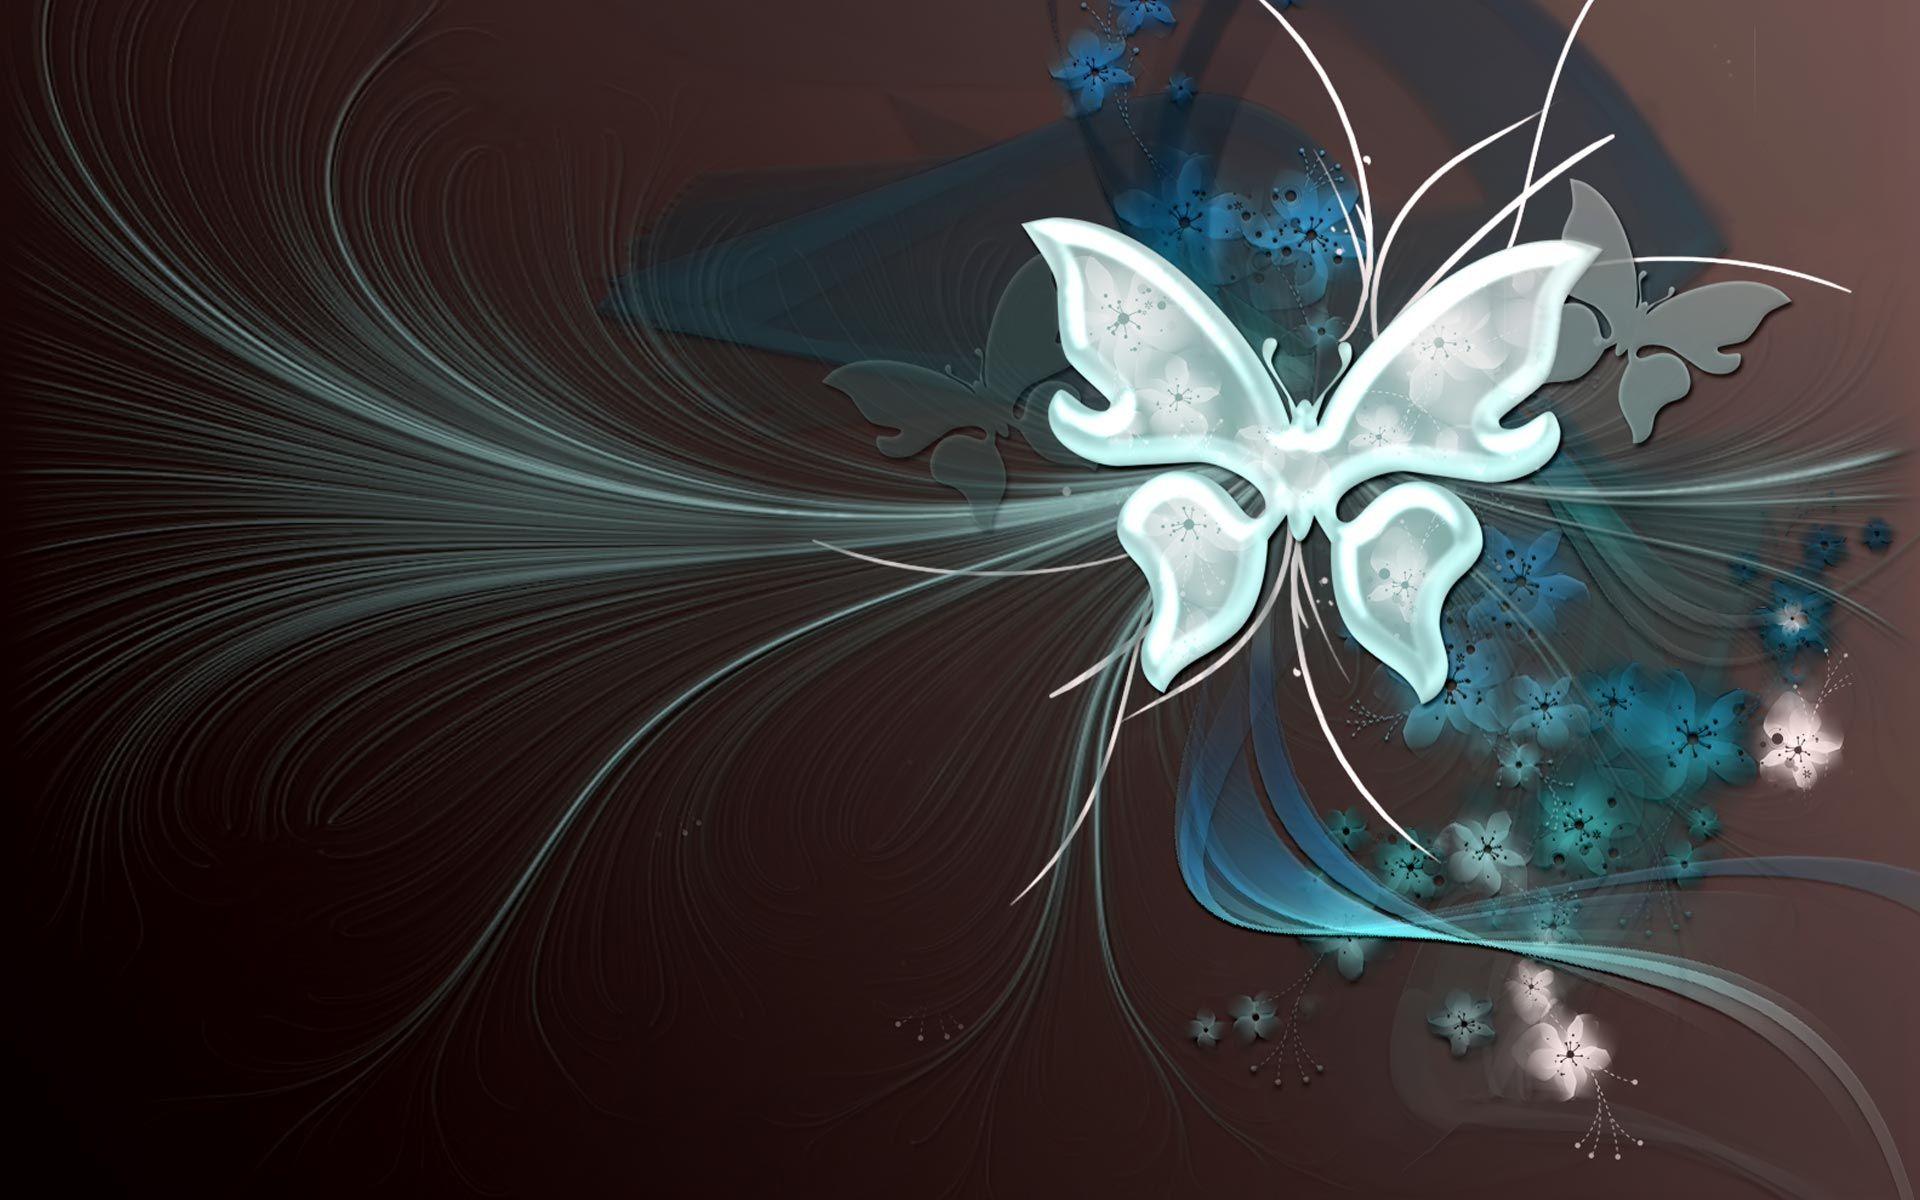 Butterfly Wallpaper Desktop Wallpaper Art Butterfly Wallpaper Backgrounds Art Wallpaper